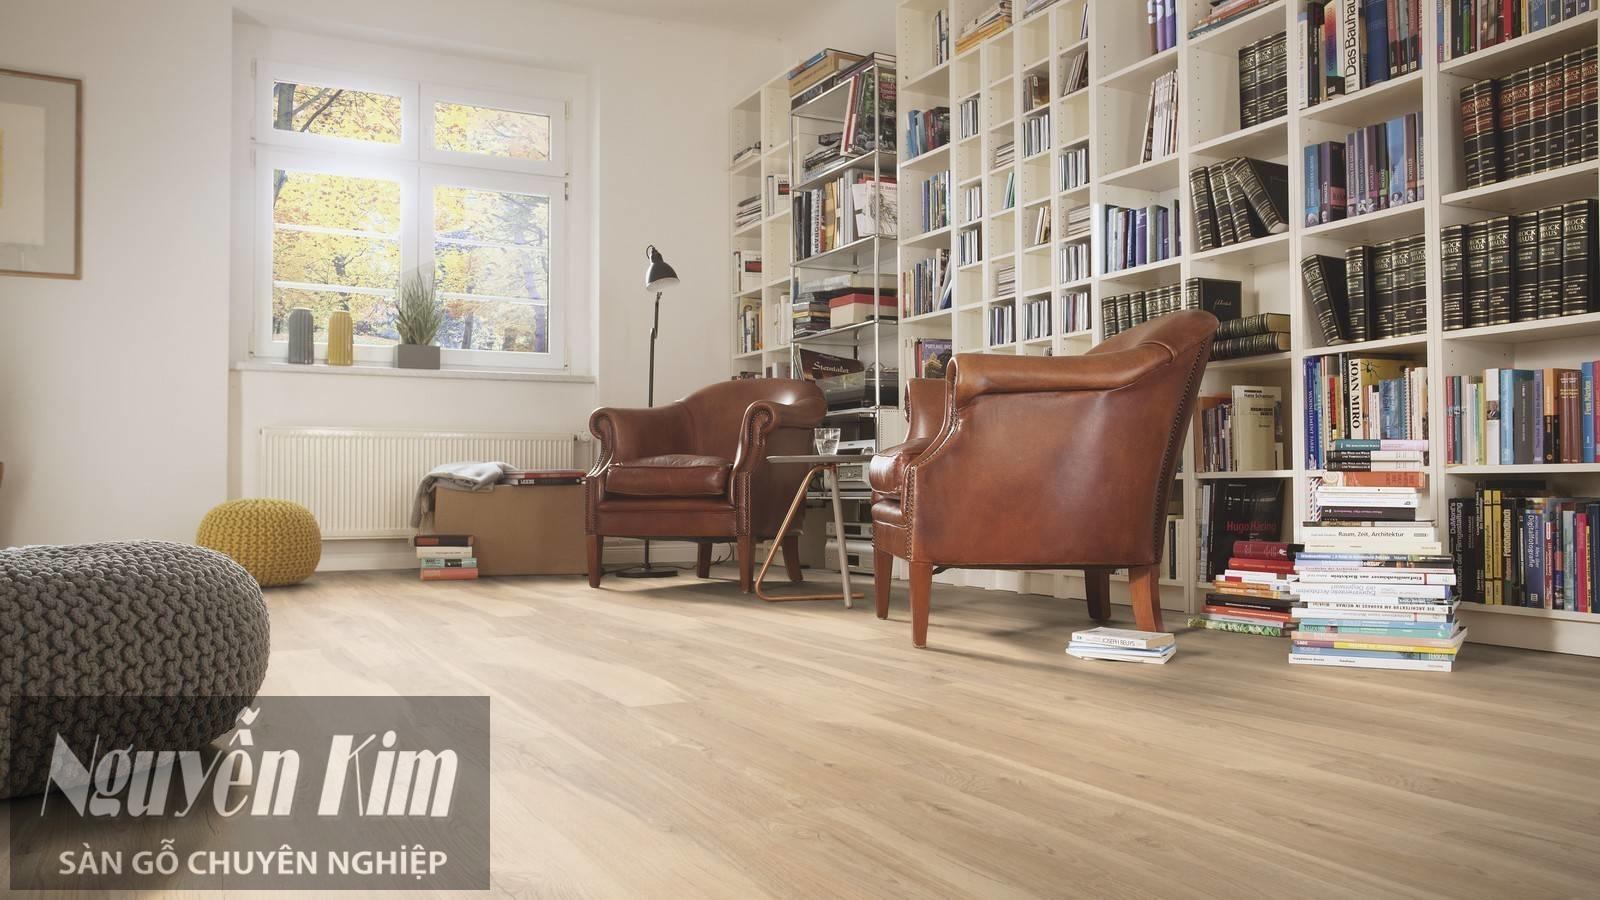 sàn gỗ màu sáng trong phong cách hiện đại khỏe khoắn